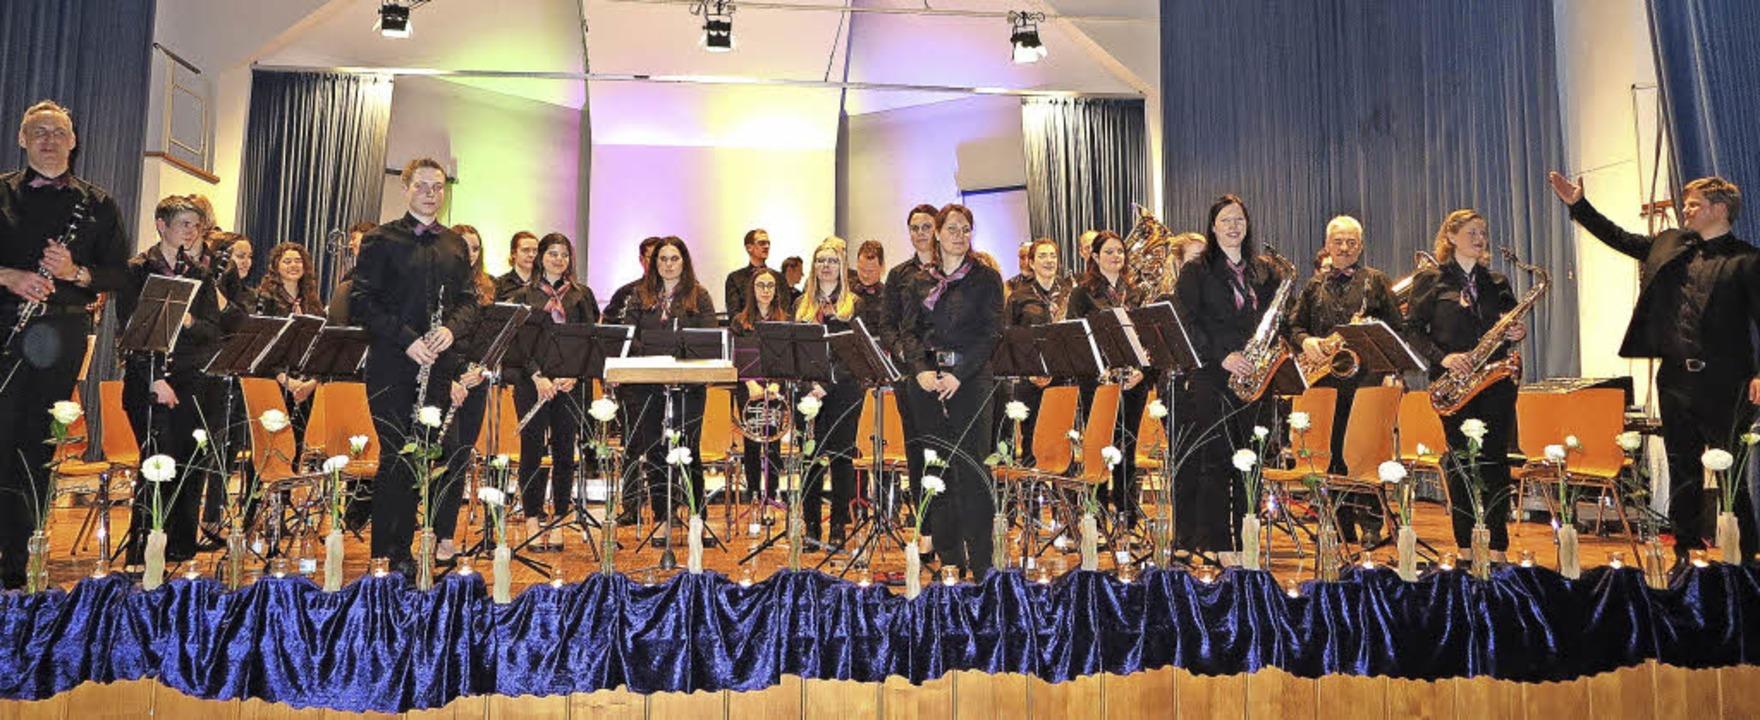 Es war ein tolles Frühlingskonzert des... die Musikerinnen und Musiker weiter.   | Foto: Dorothee Philipp